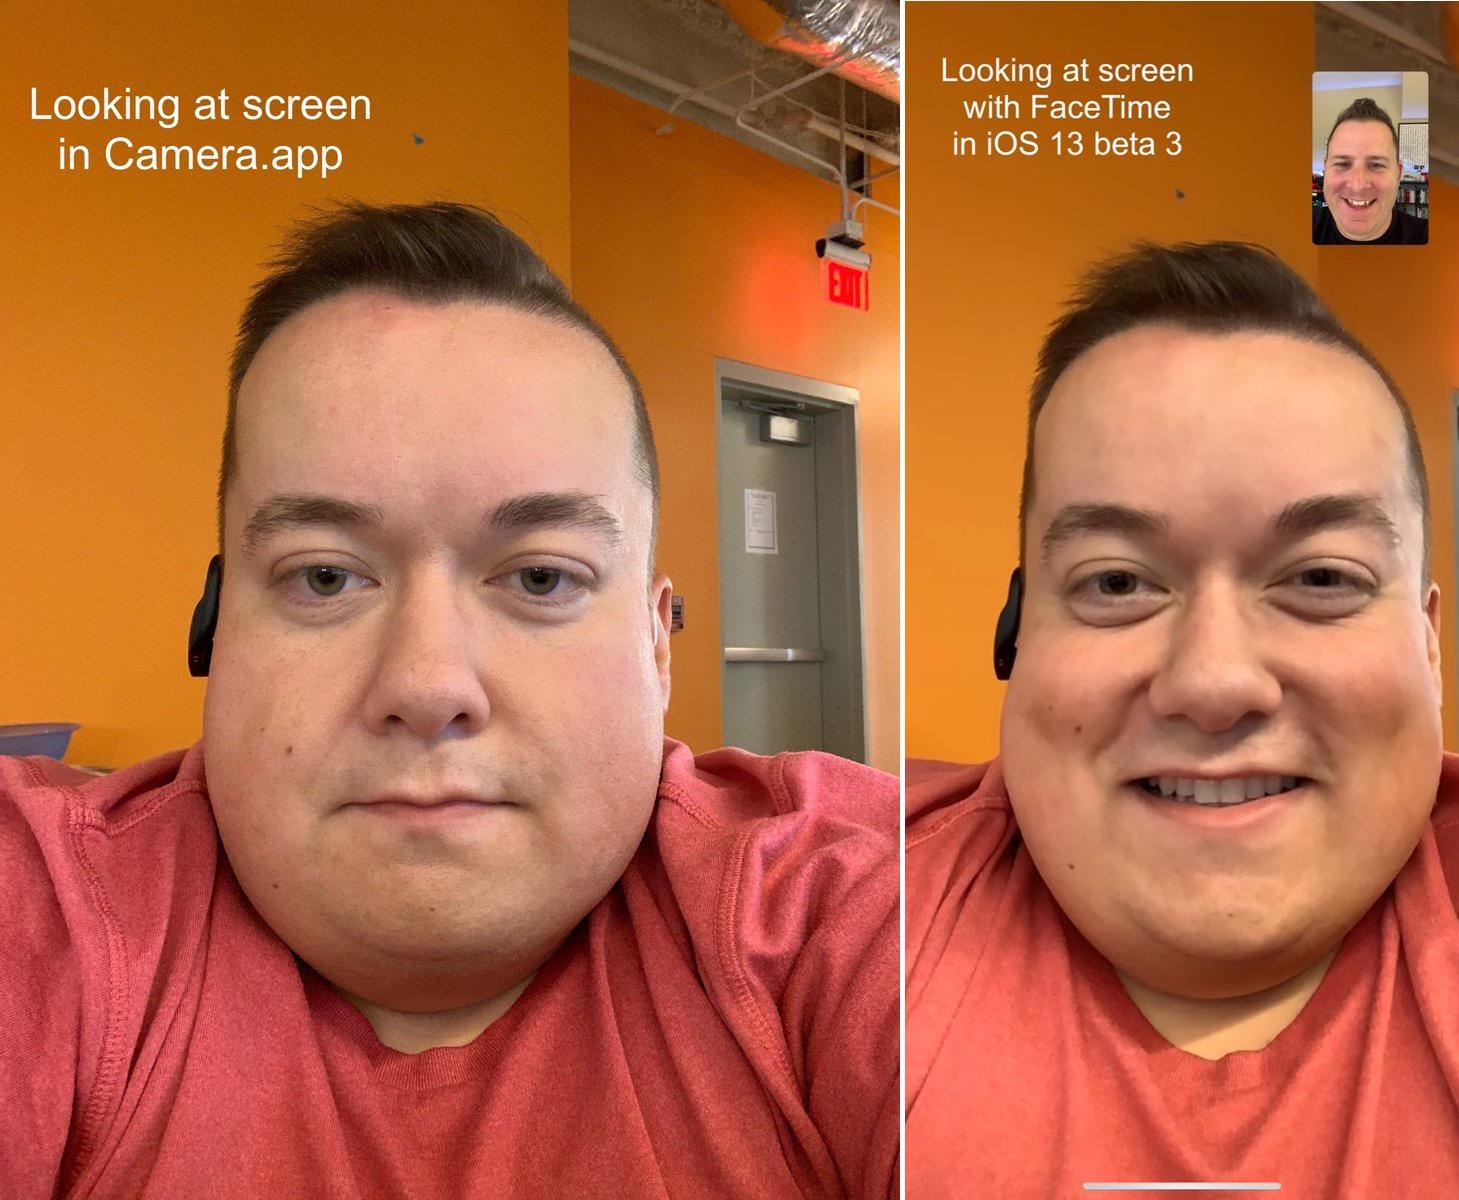 Nouveau sur FaceTime et iOS 13: le regard automatiquement ajusté vers l'interlocuteur 1